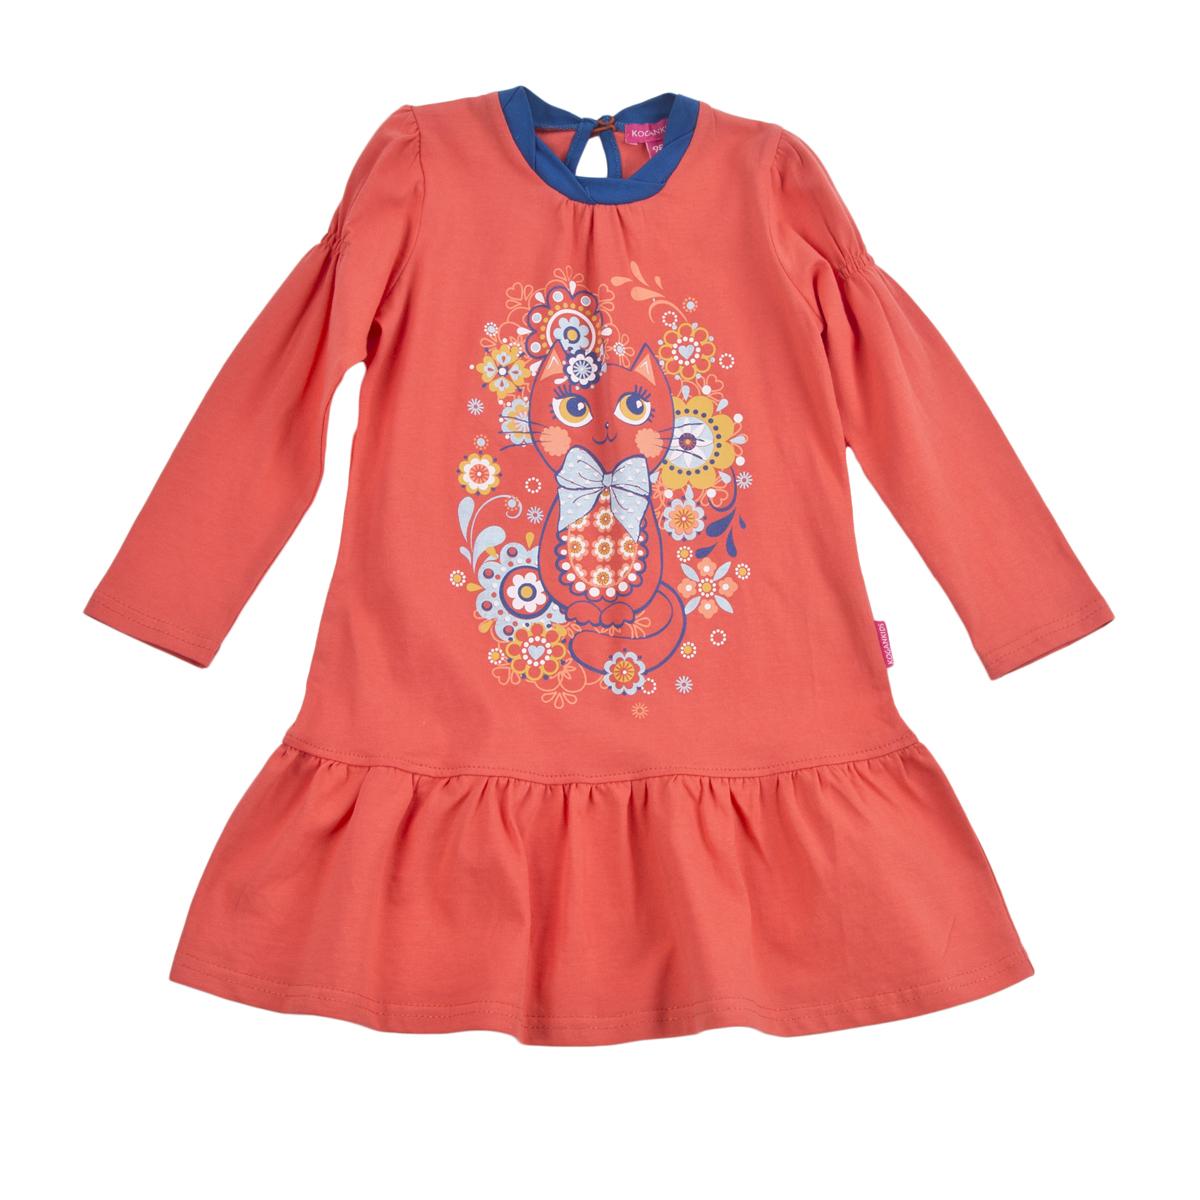 Платье Kogankids<br>Размер: 74, 80, 86, 92, 98; Цвет: Коралловый;